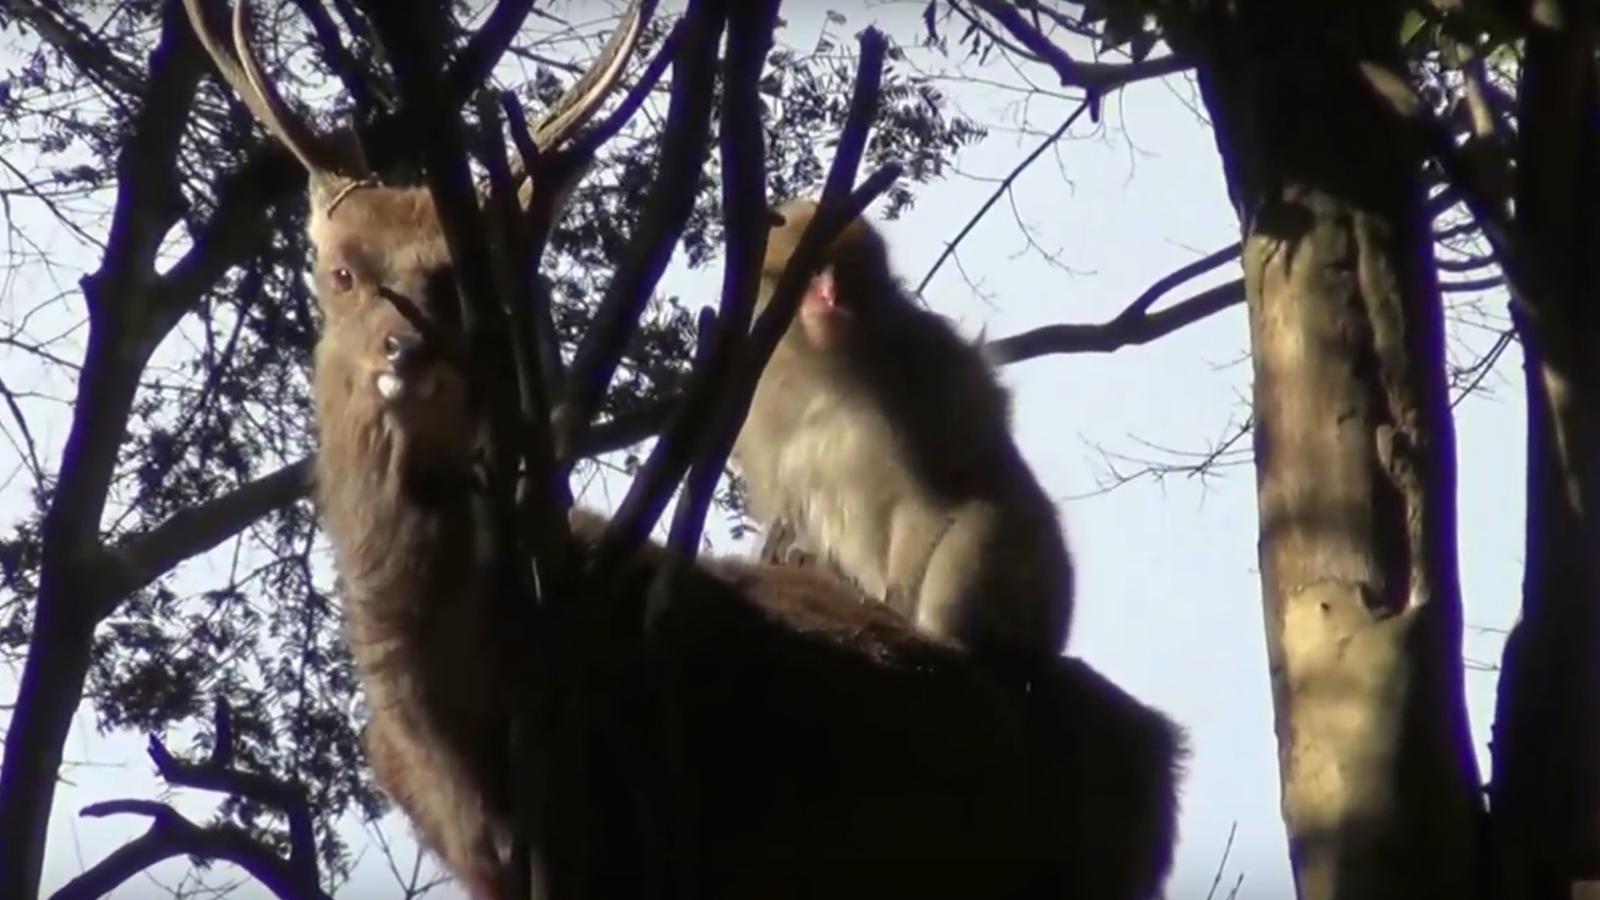 Monkeys Screwing Deer in Japan Surprises Humans, Somehow